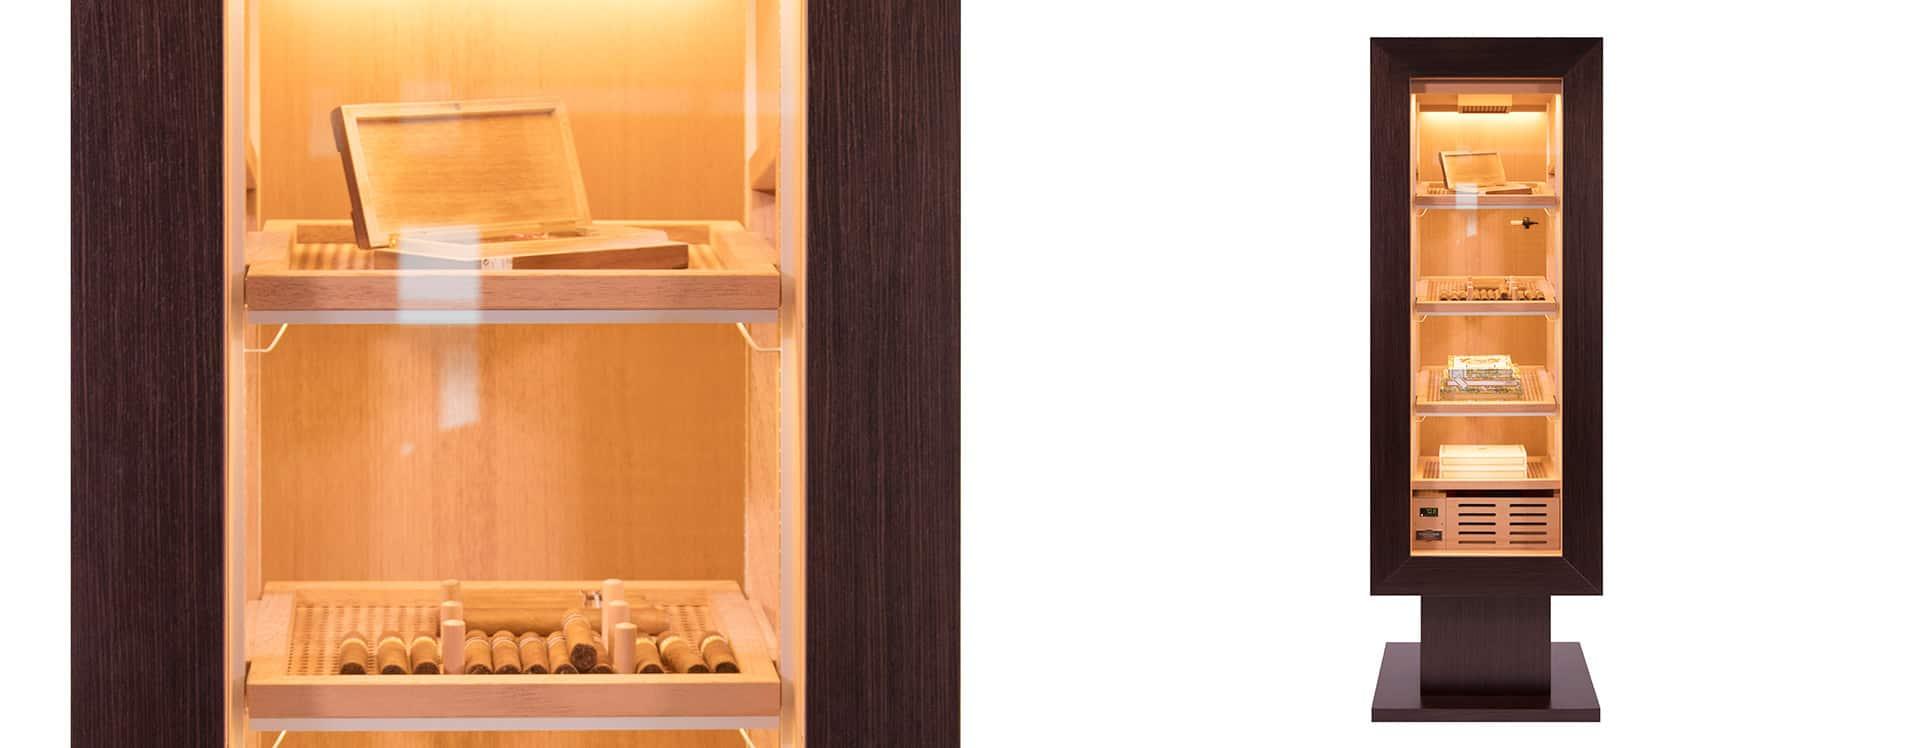 new humidor model CigarArt GERBER Humidor